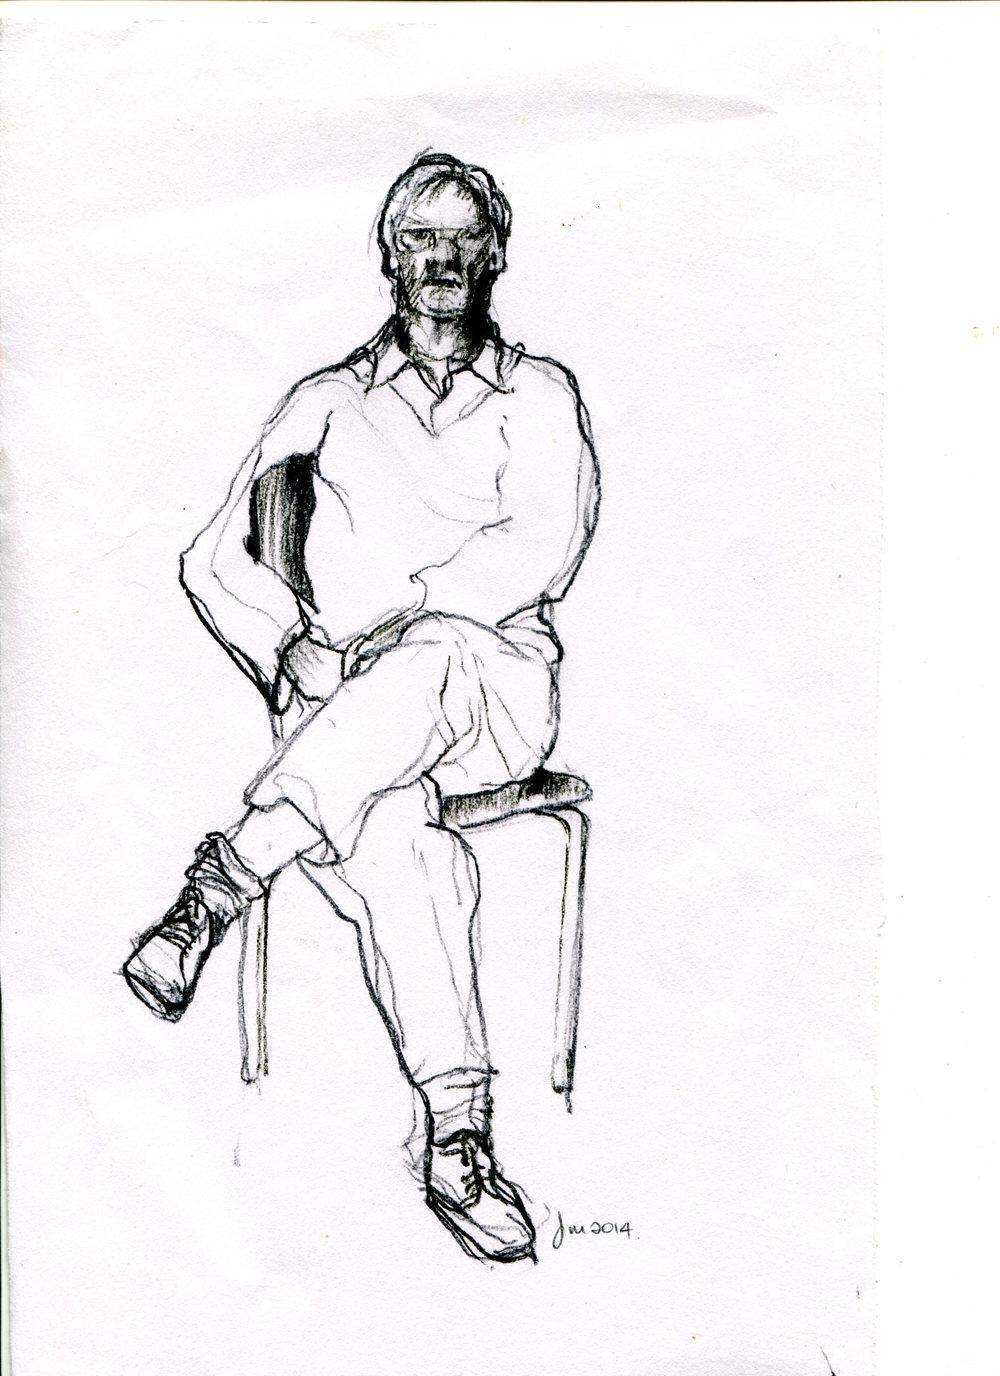 Millborrow, Jennie 30b Moray, Pencil drawing.